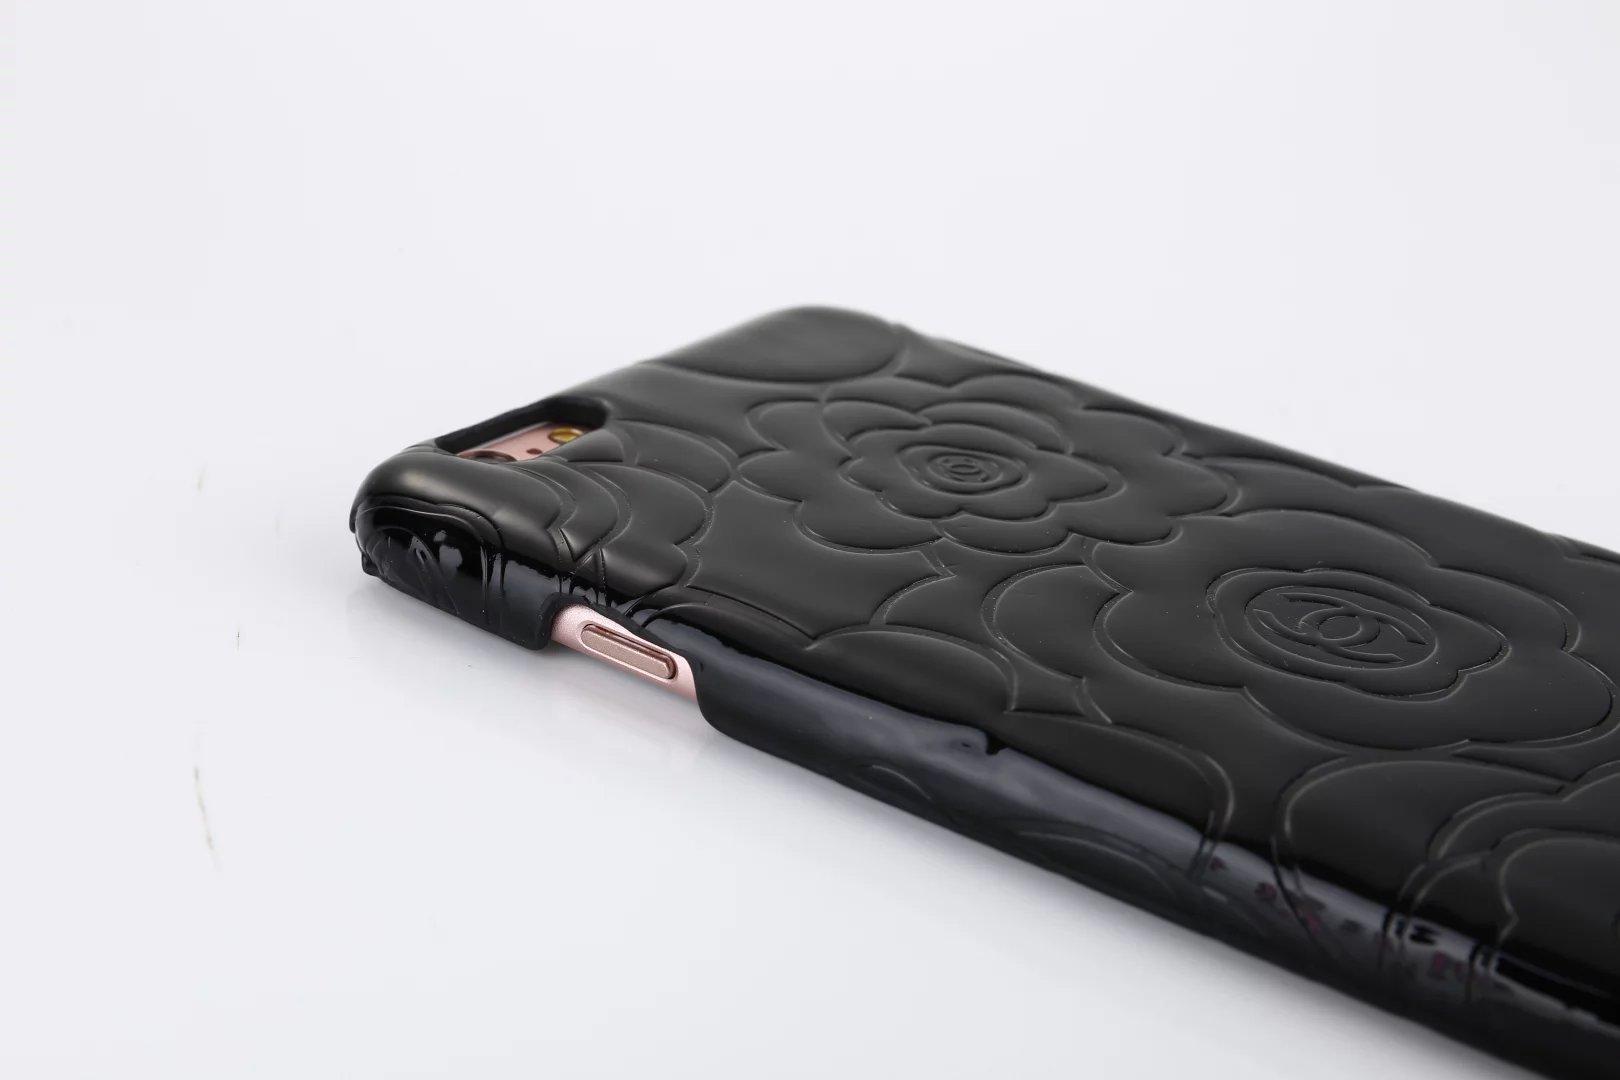 iphone case selber machen die besten iphone hüllen Chanel iphone 8 Plus hüllen iphone fotos datum freitag hülle iphone 8 Plus 1 phone 8 Plus handytasche für iphone 8 Plus ausgefallene handyhüllen iphone 8 Plus kas8 Plusttenhülle